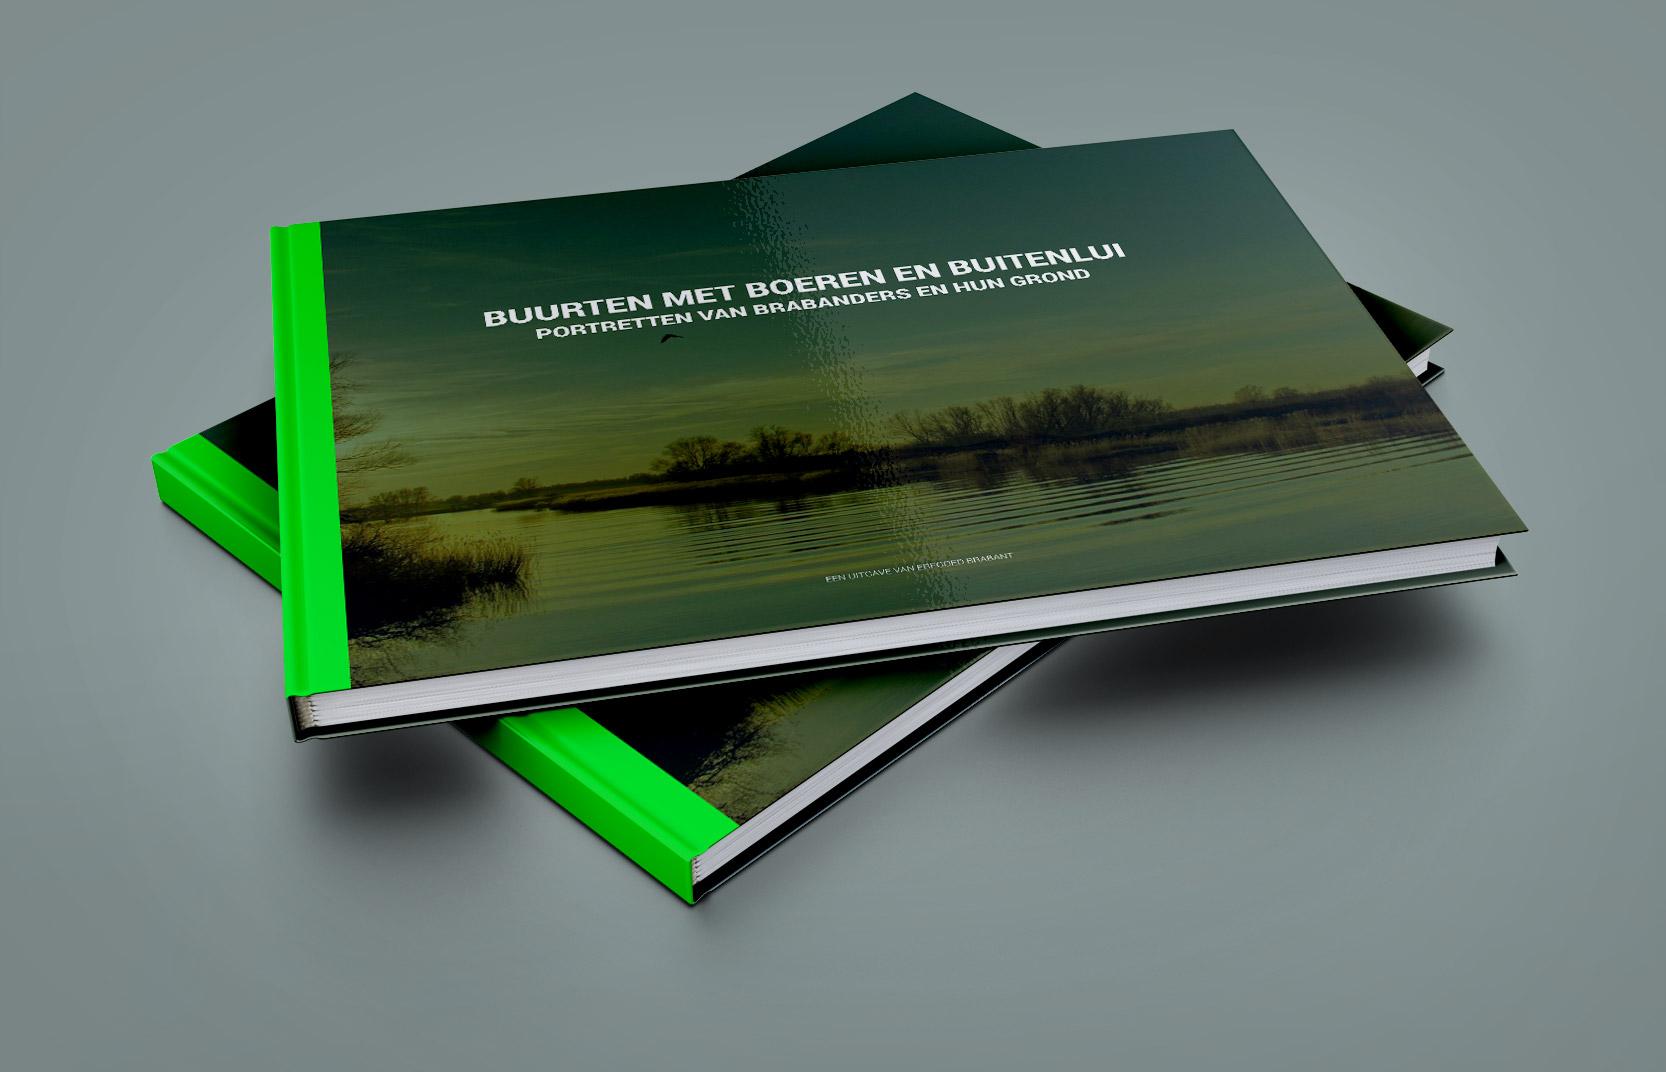 drukwerk_erfgoedbrabant1_boek3